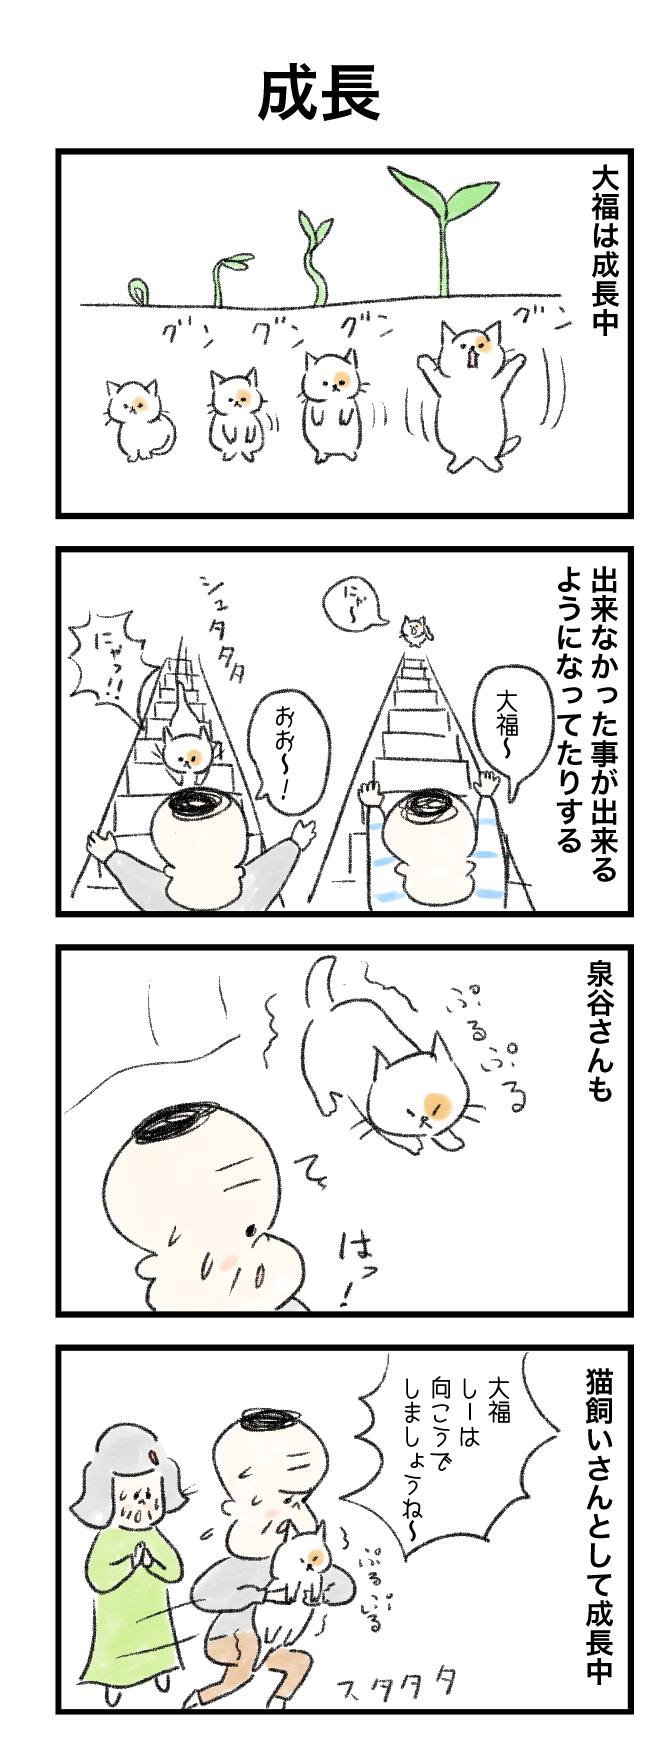 今日の泉谷さん【14】 作:カワサキヒロシ(ごとお日漫画)